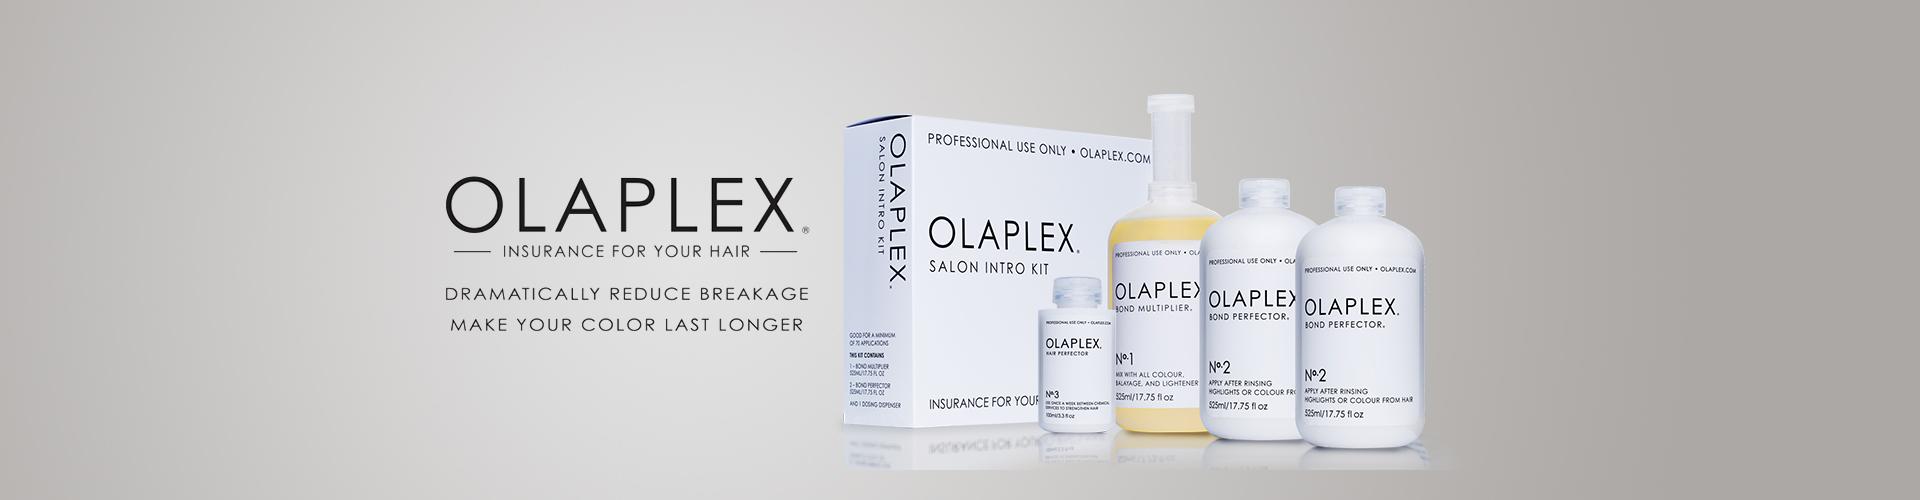 We-hair-salon-slider-olaplex-main